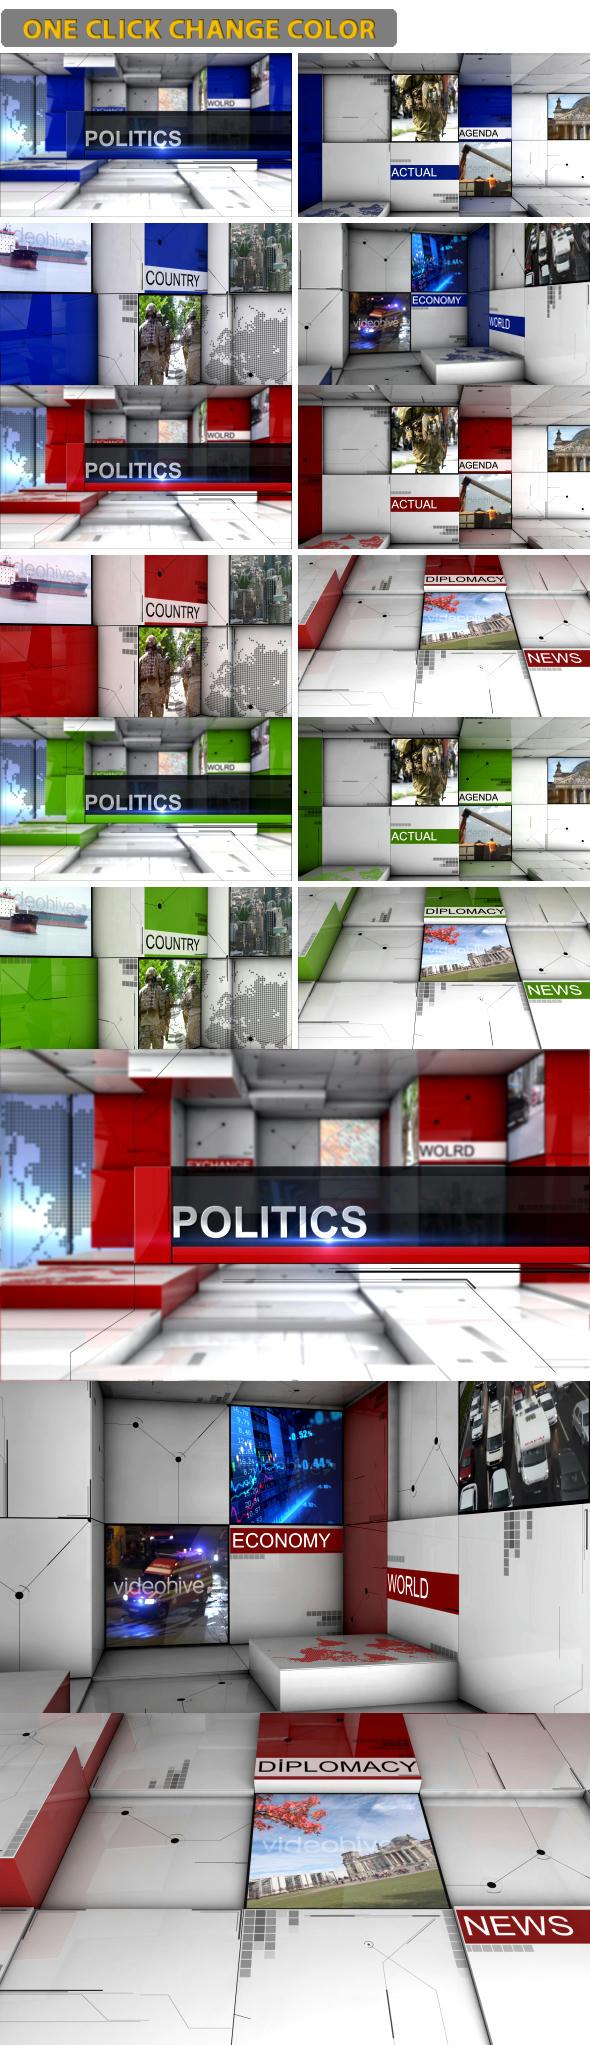 پروژه افتر افکت Political Events ( رایگان )